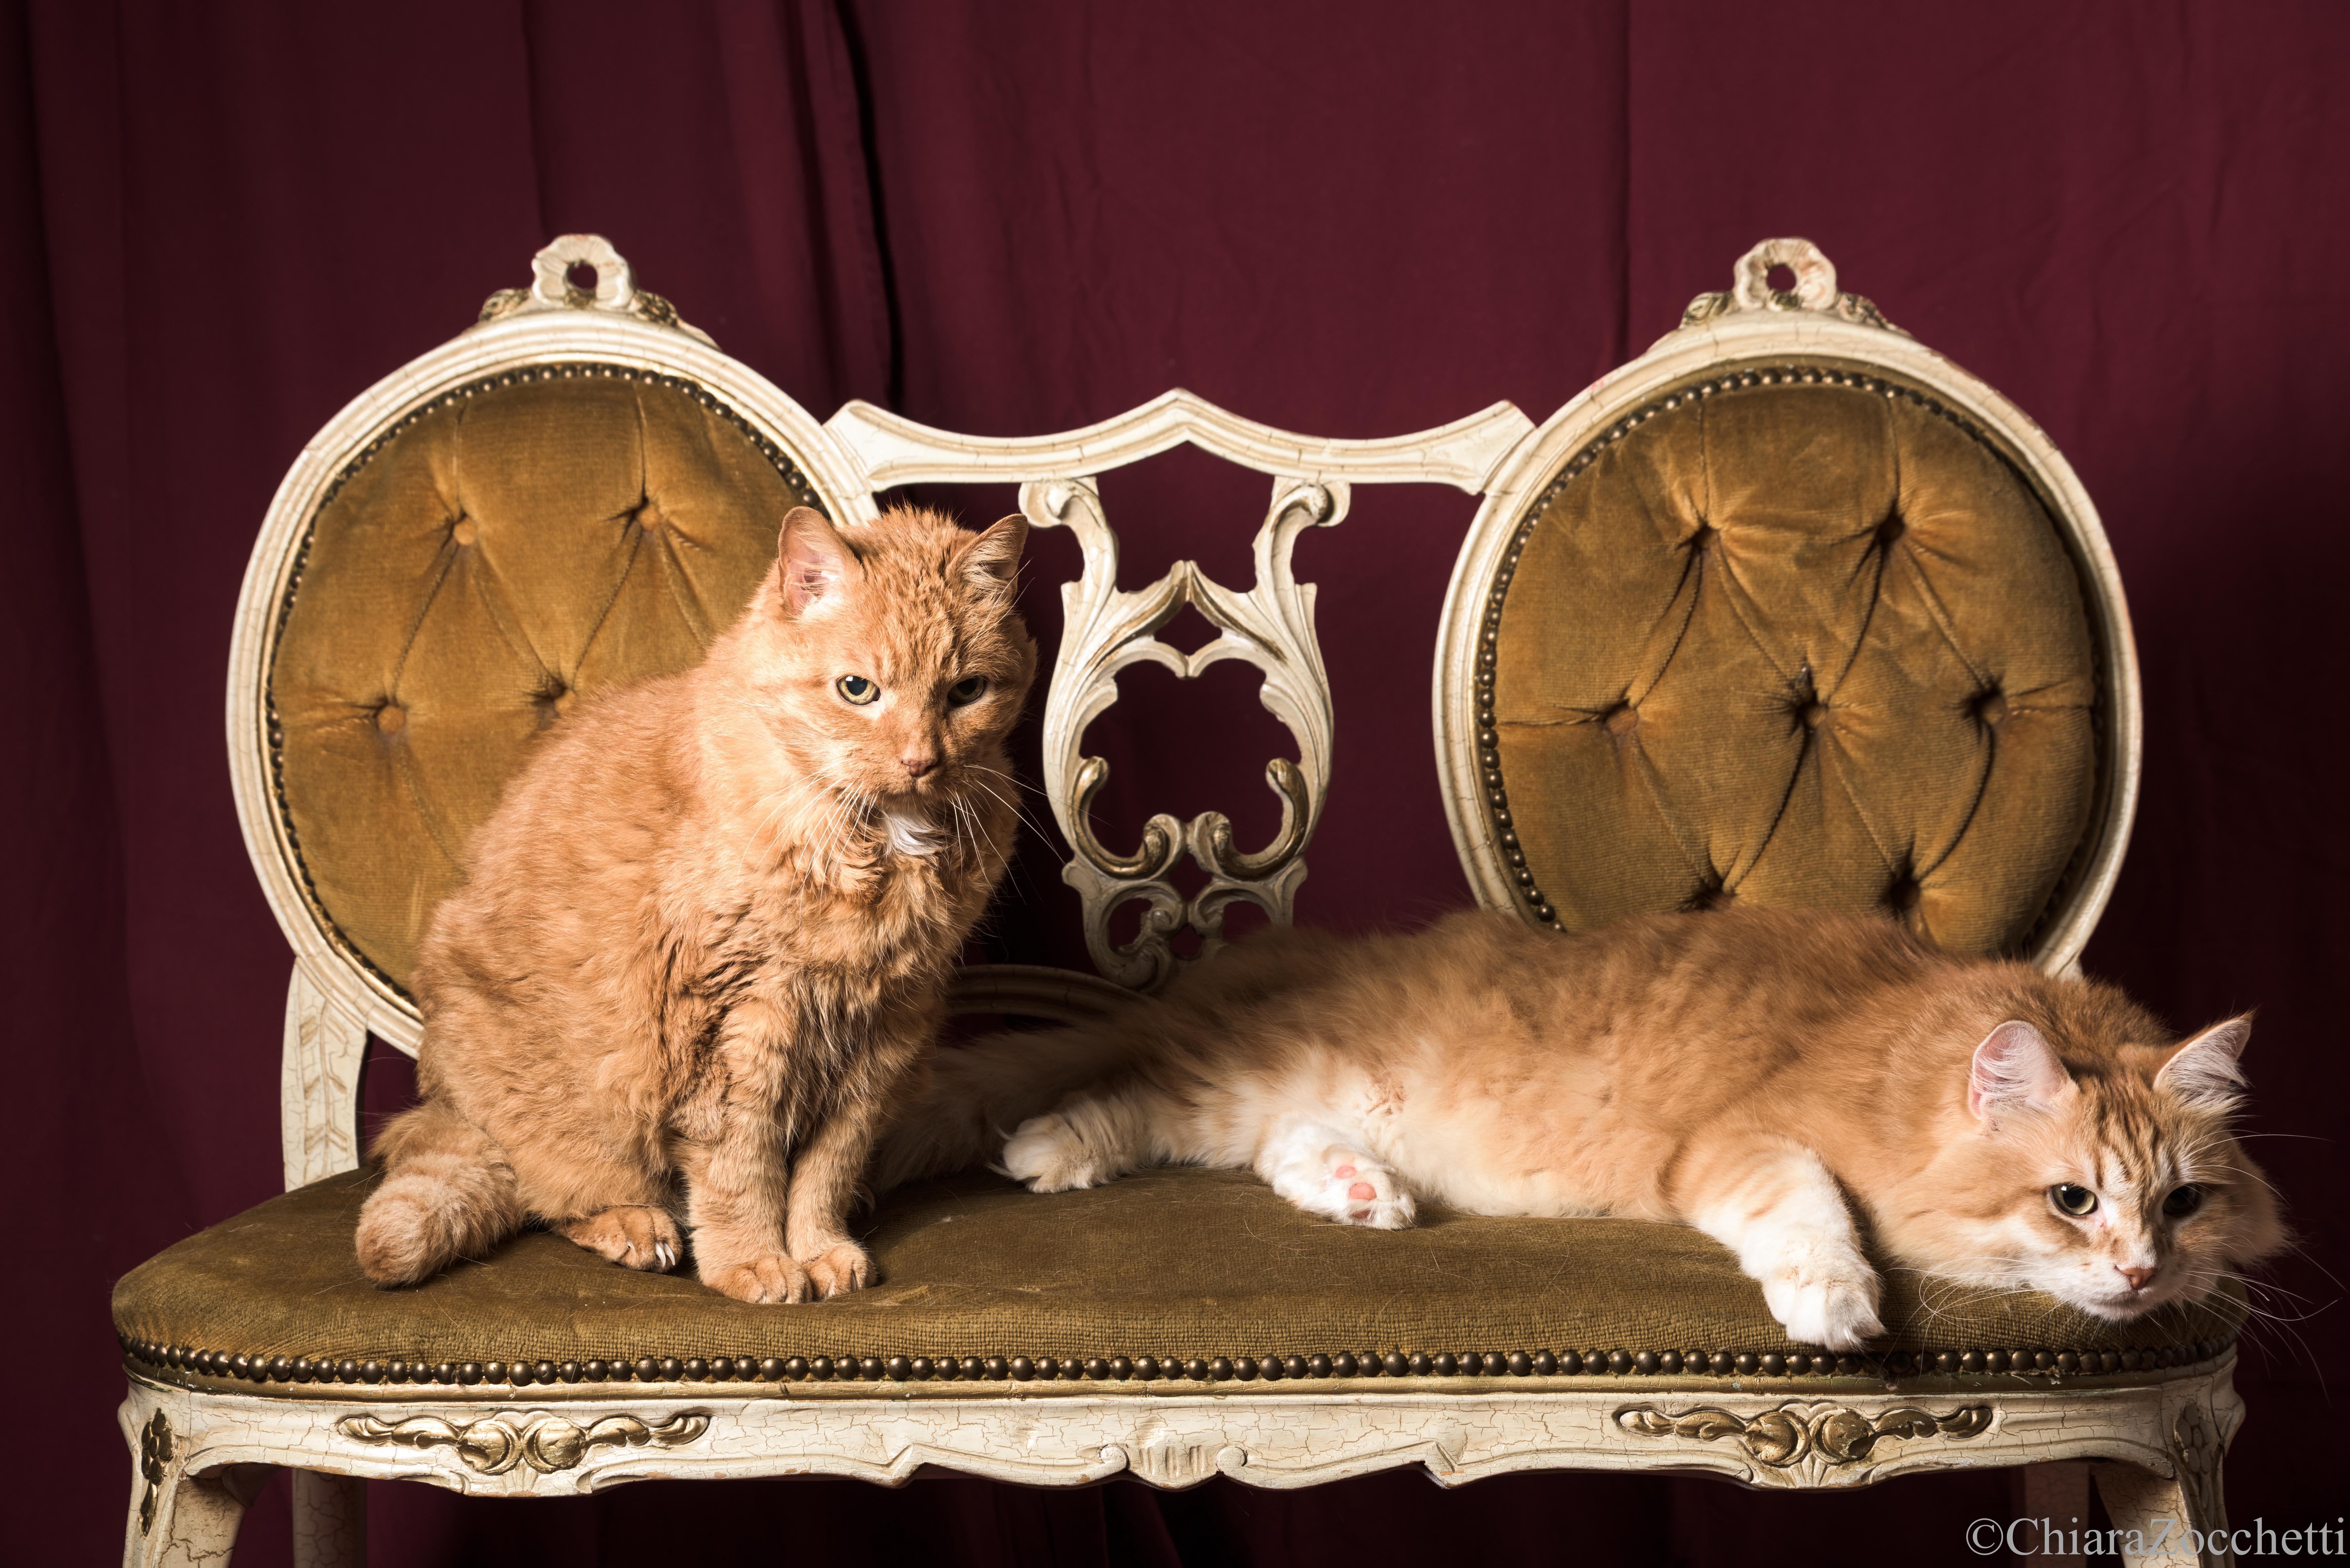 Cirillo e Fausto